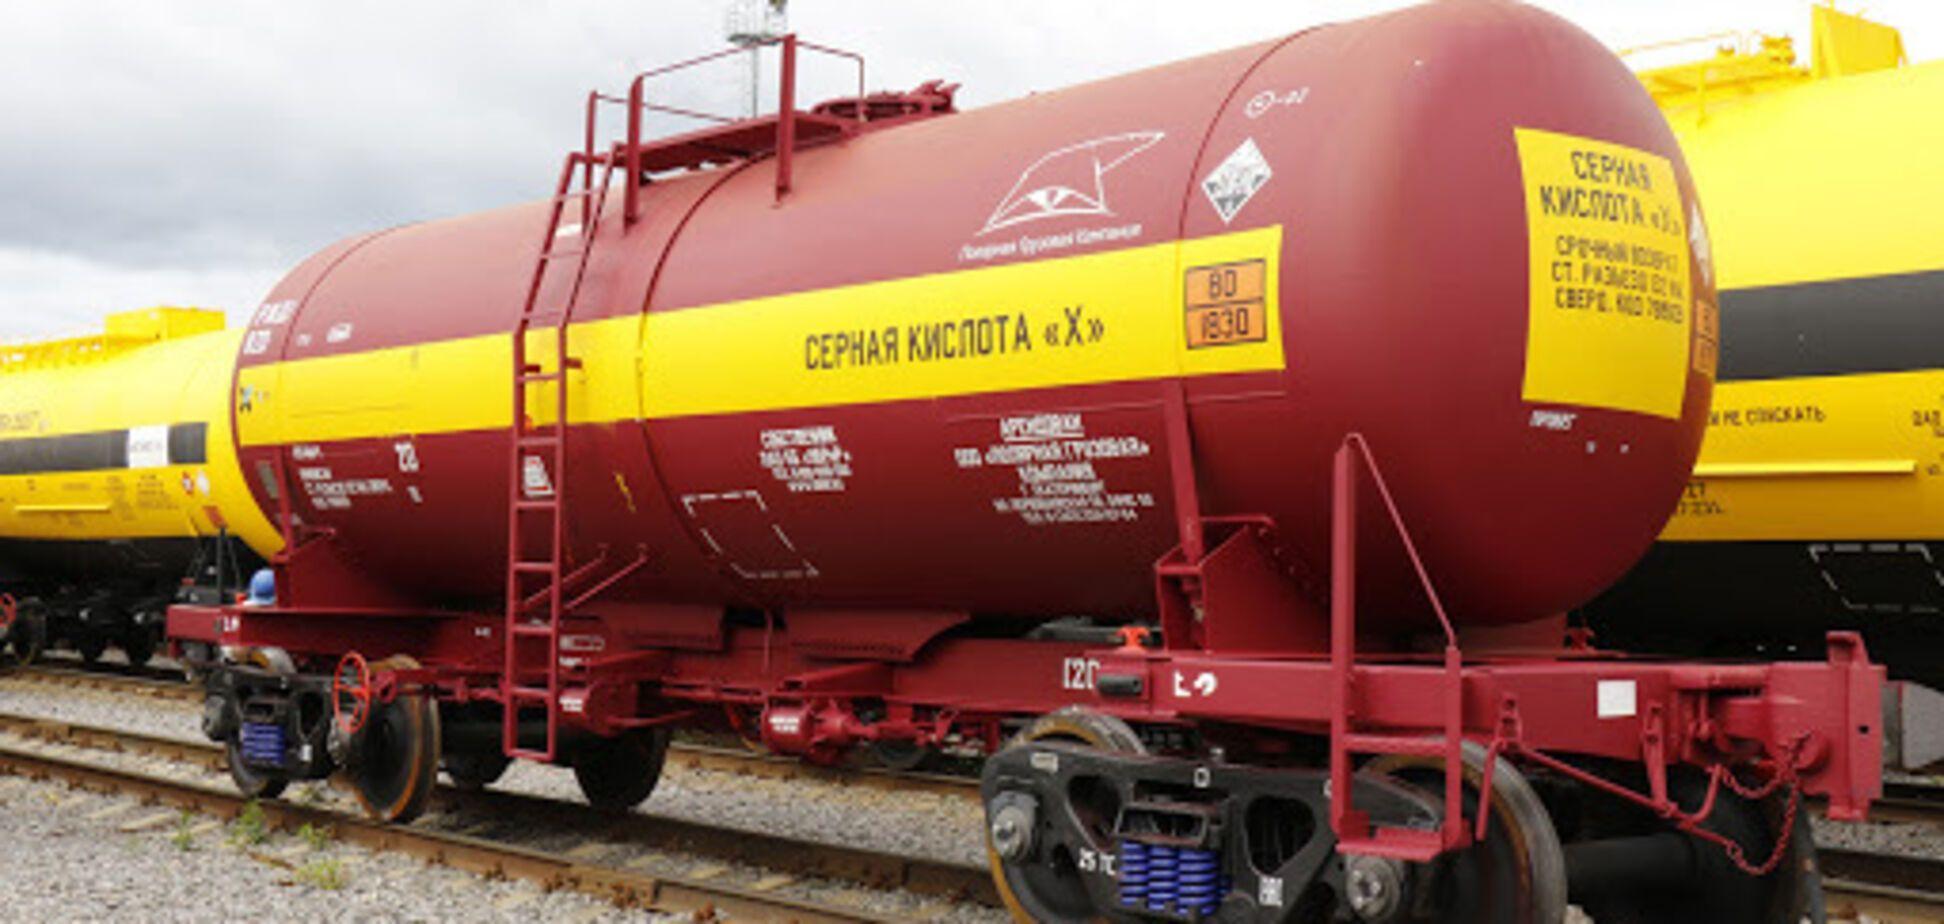 Петрашко продавил решение о продлении квот на импорт серной кислоты, – Каленков